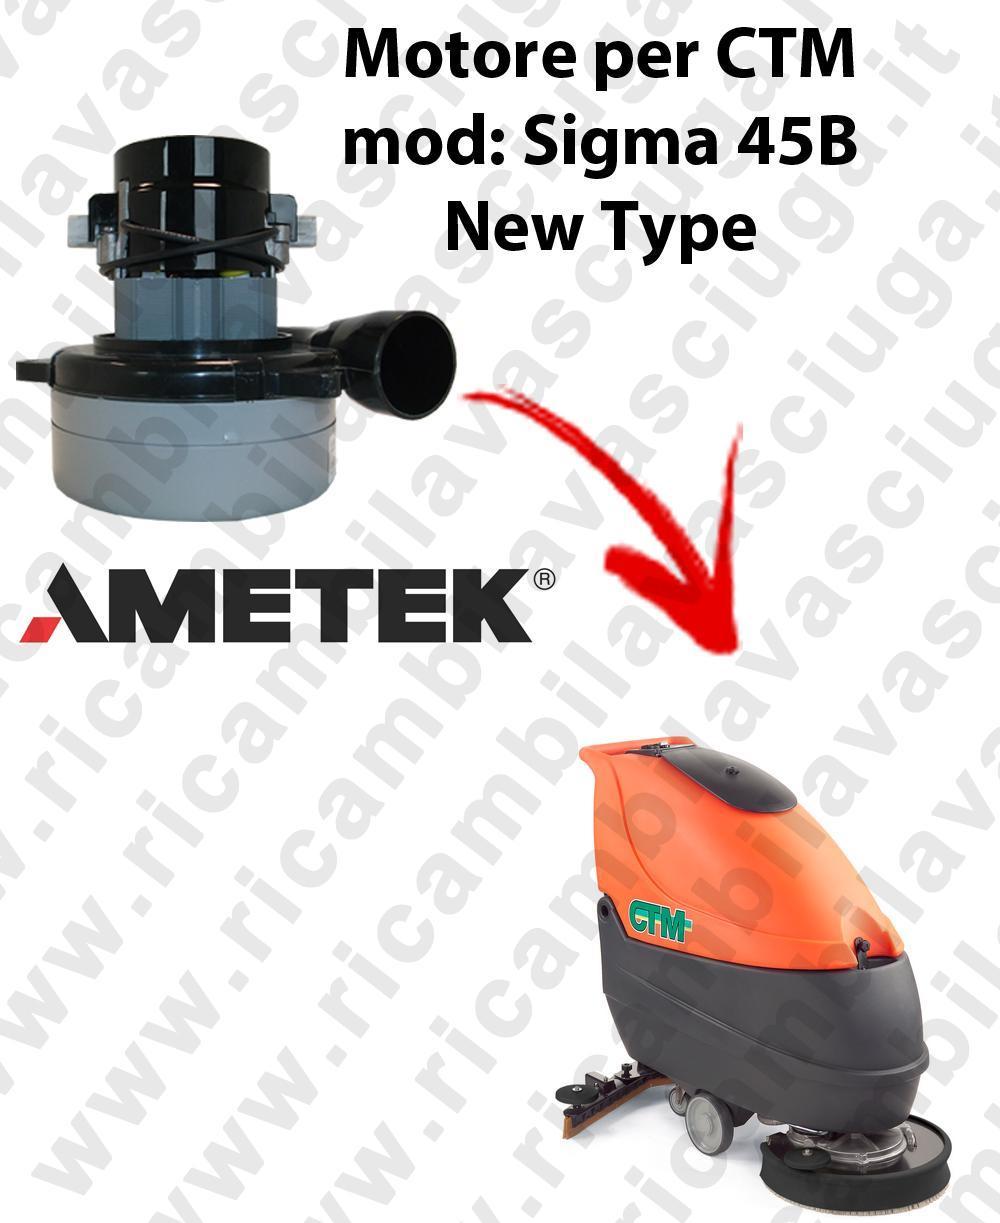 SIGMA 45B MOTEUR ASPIRATION LAMB AMATEK pour autolaveuses CTM